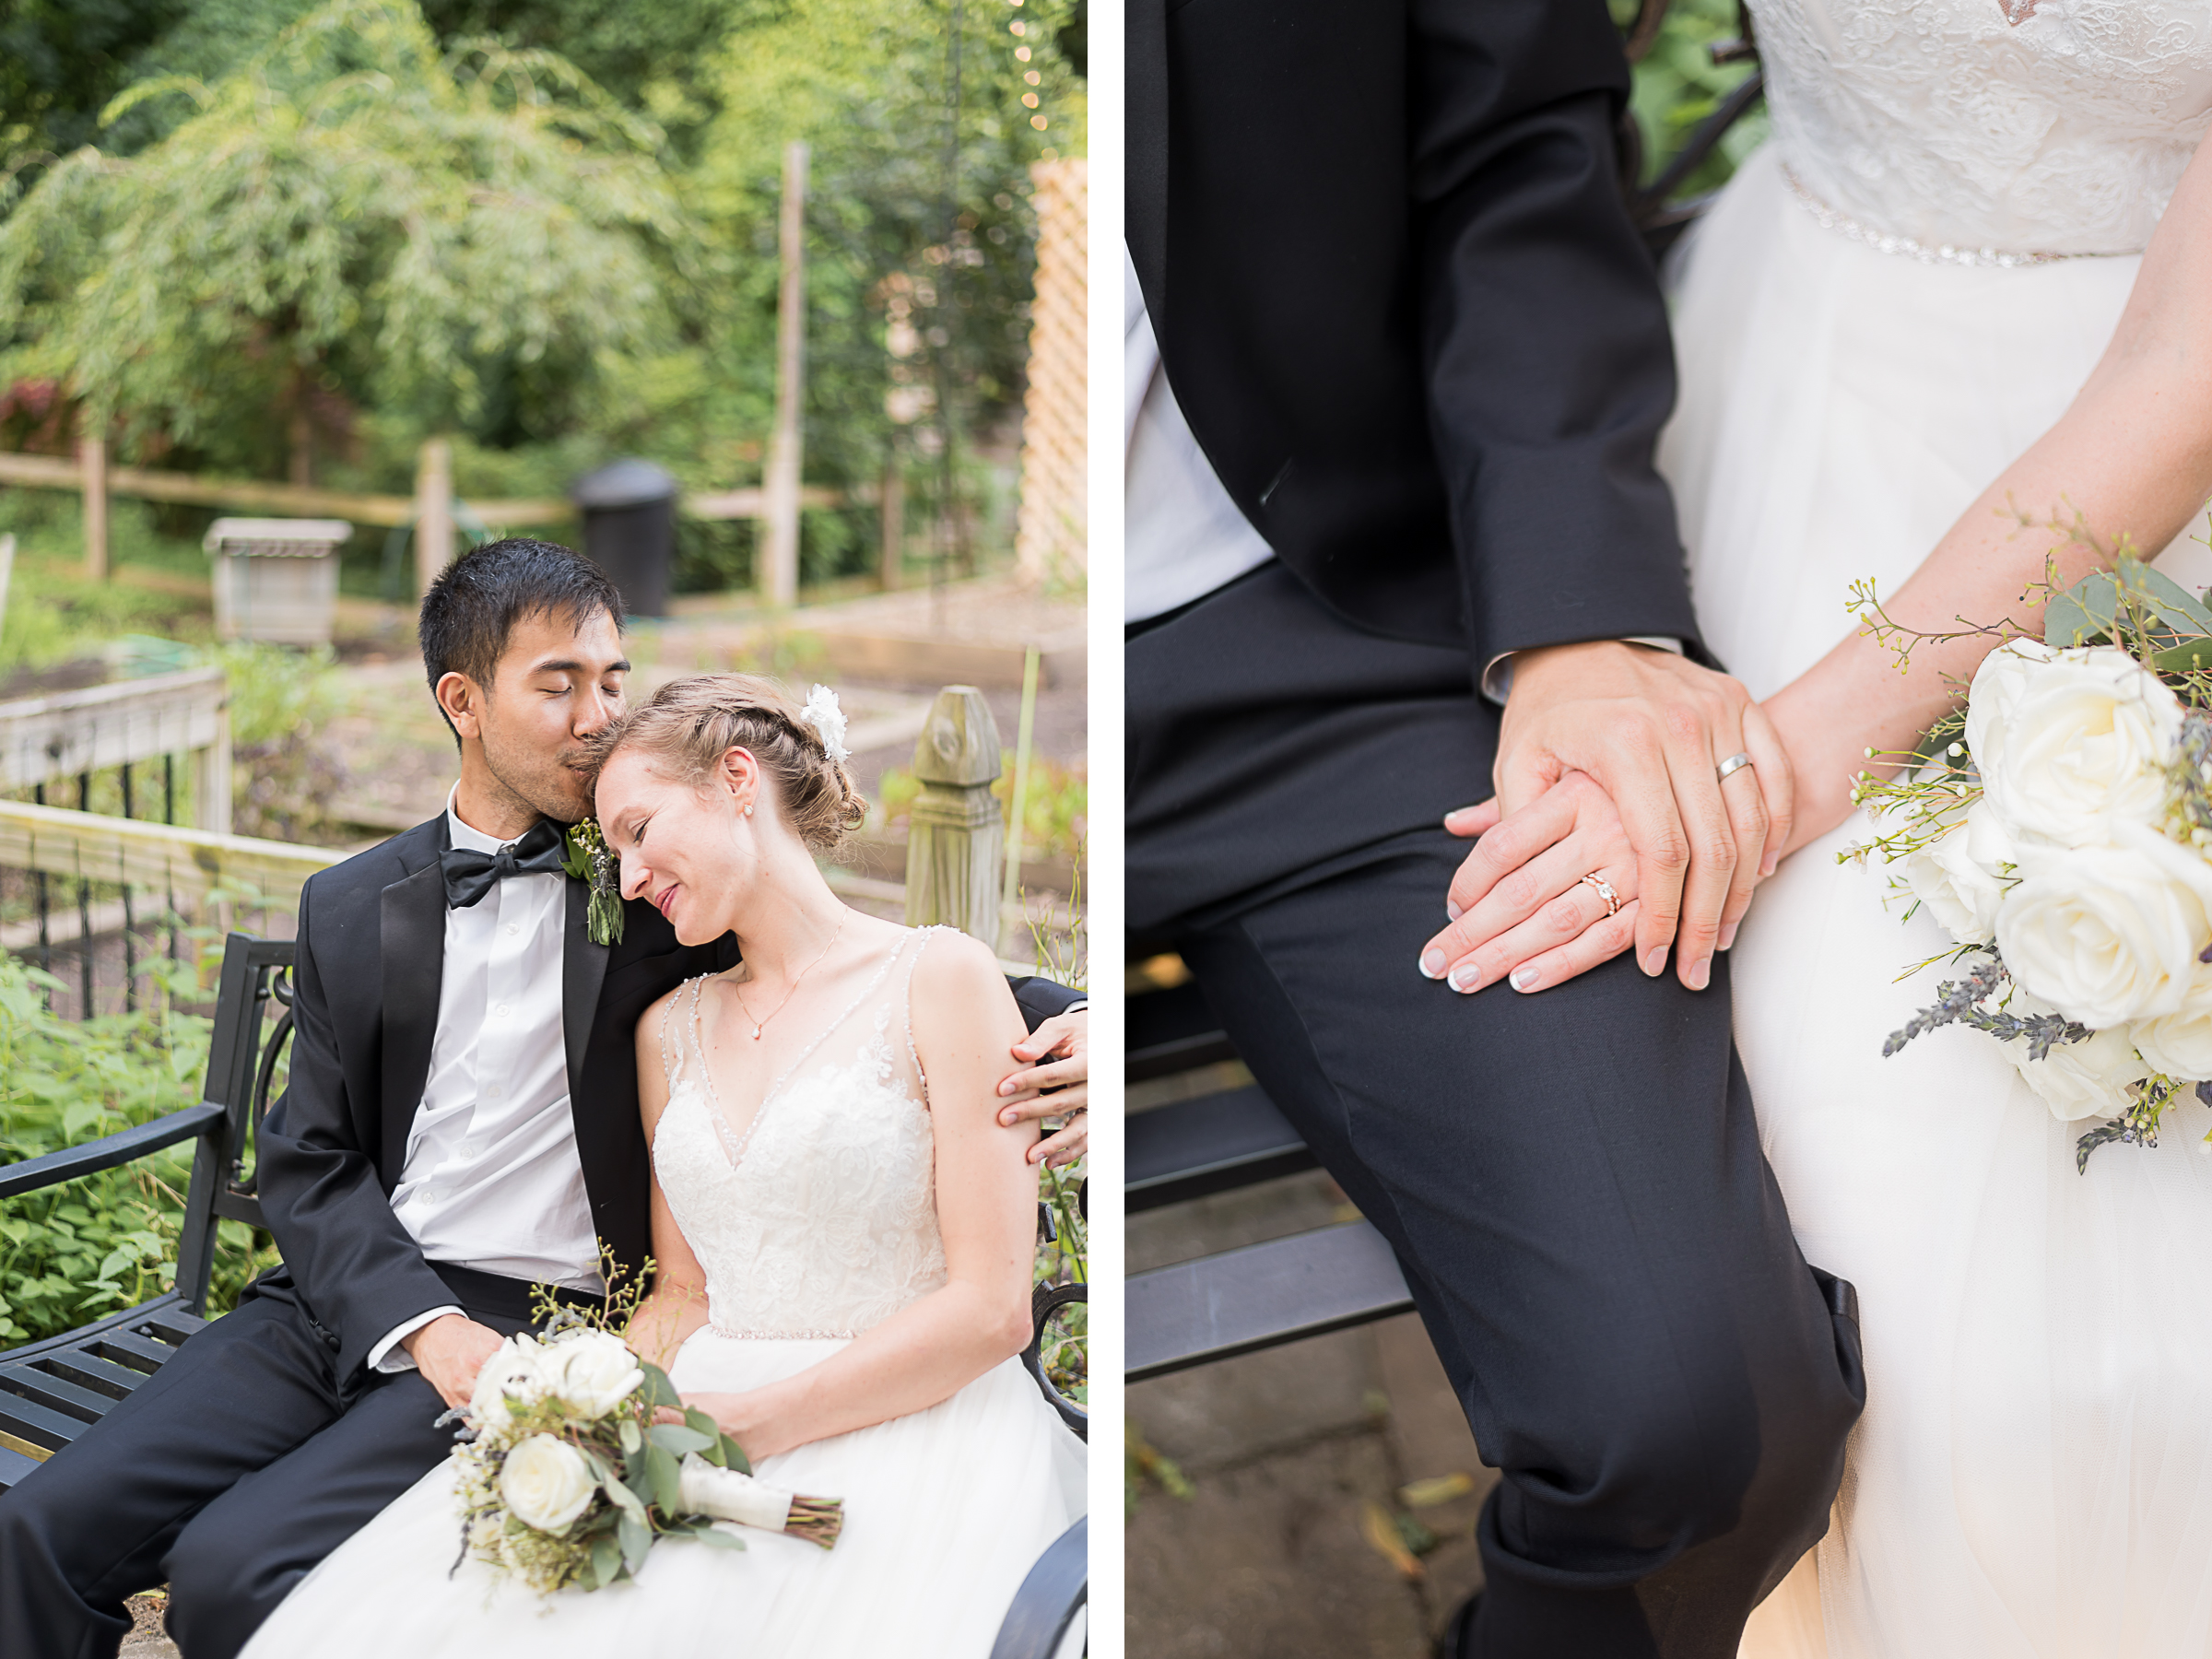 Elkridge-Furnace-Inn-Wedding-Bride-Groom-Portraits-Rings